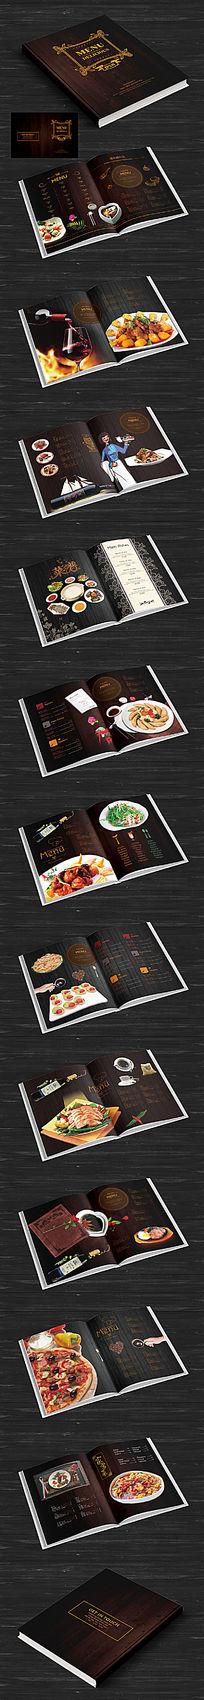 菜单菜谱宣传册